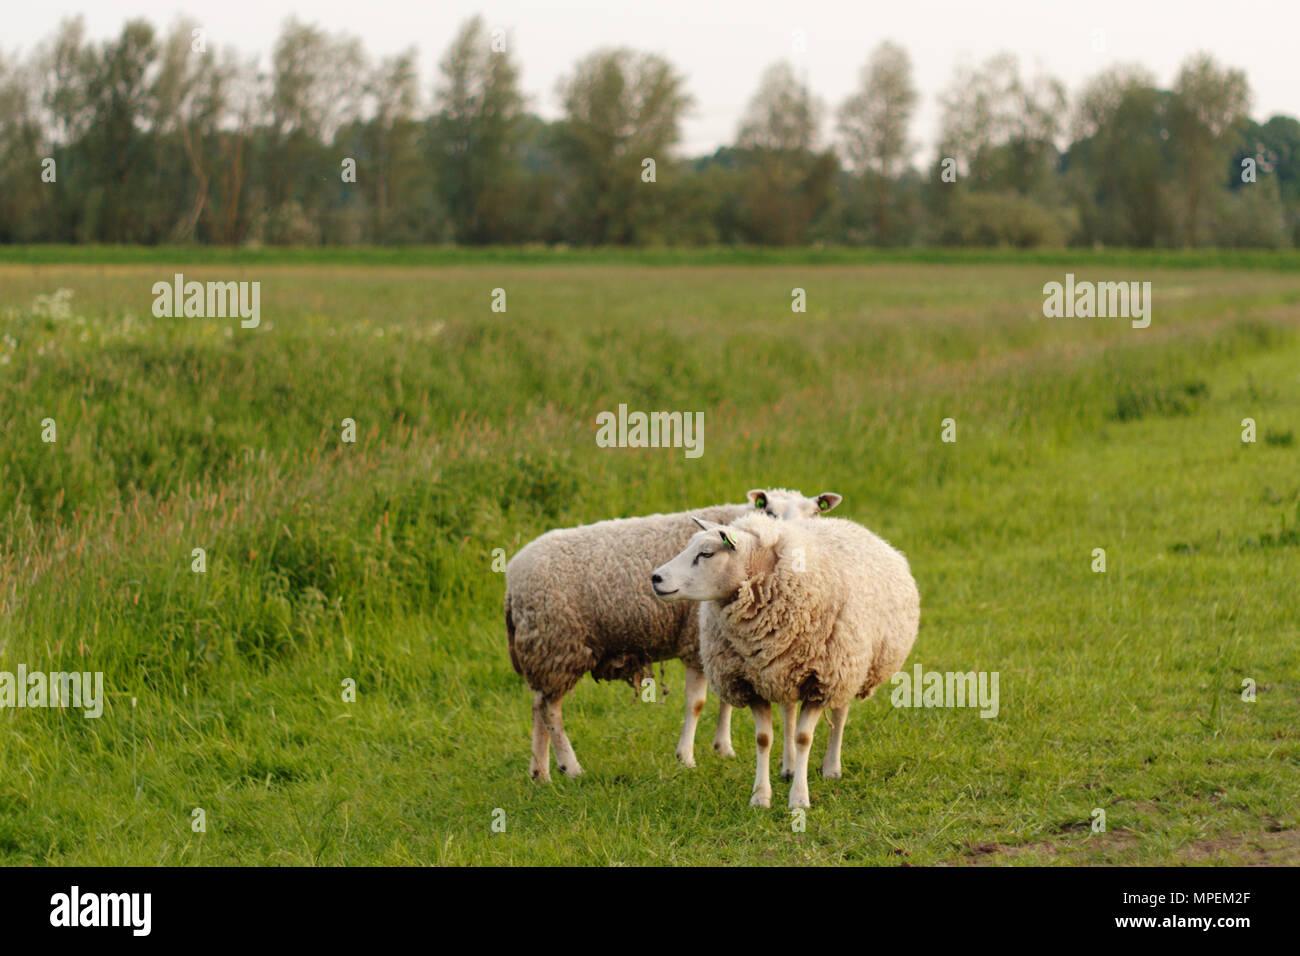 Dos ovejas de pie en un campo buscando lejos de la cámara. Imagen De Stock